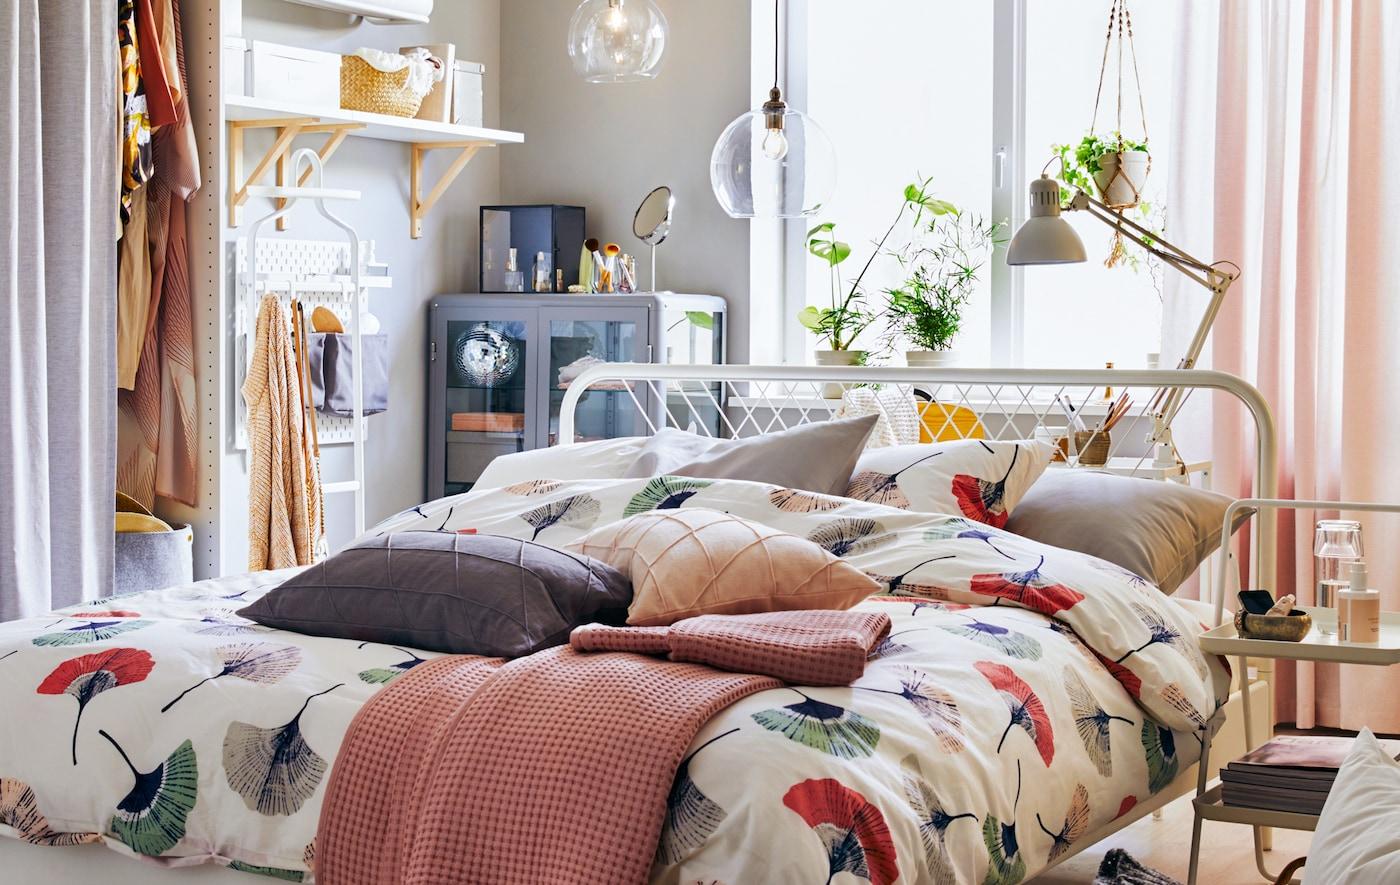 Un lit recouvert d'un linge de lit floral placé au milieu de la pièce avec des rangements et des étagères le long des murs.